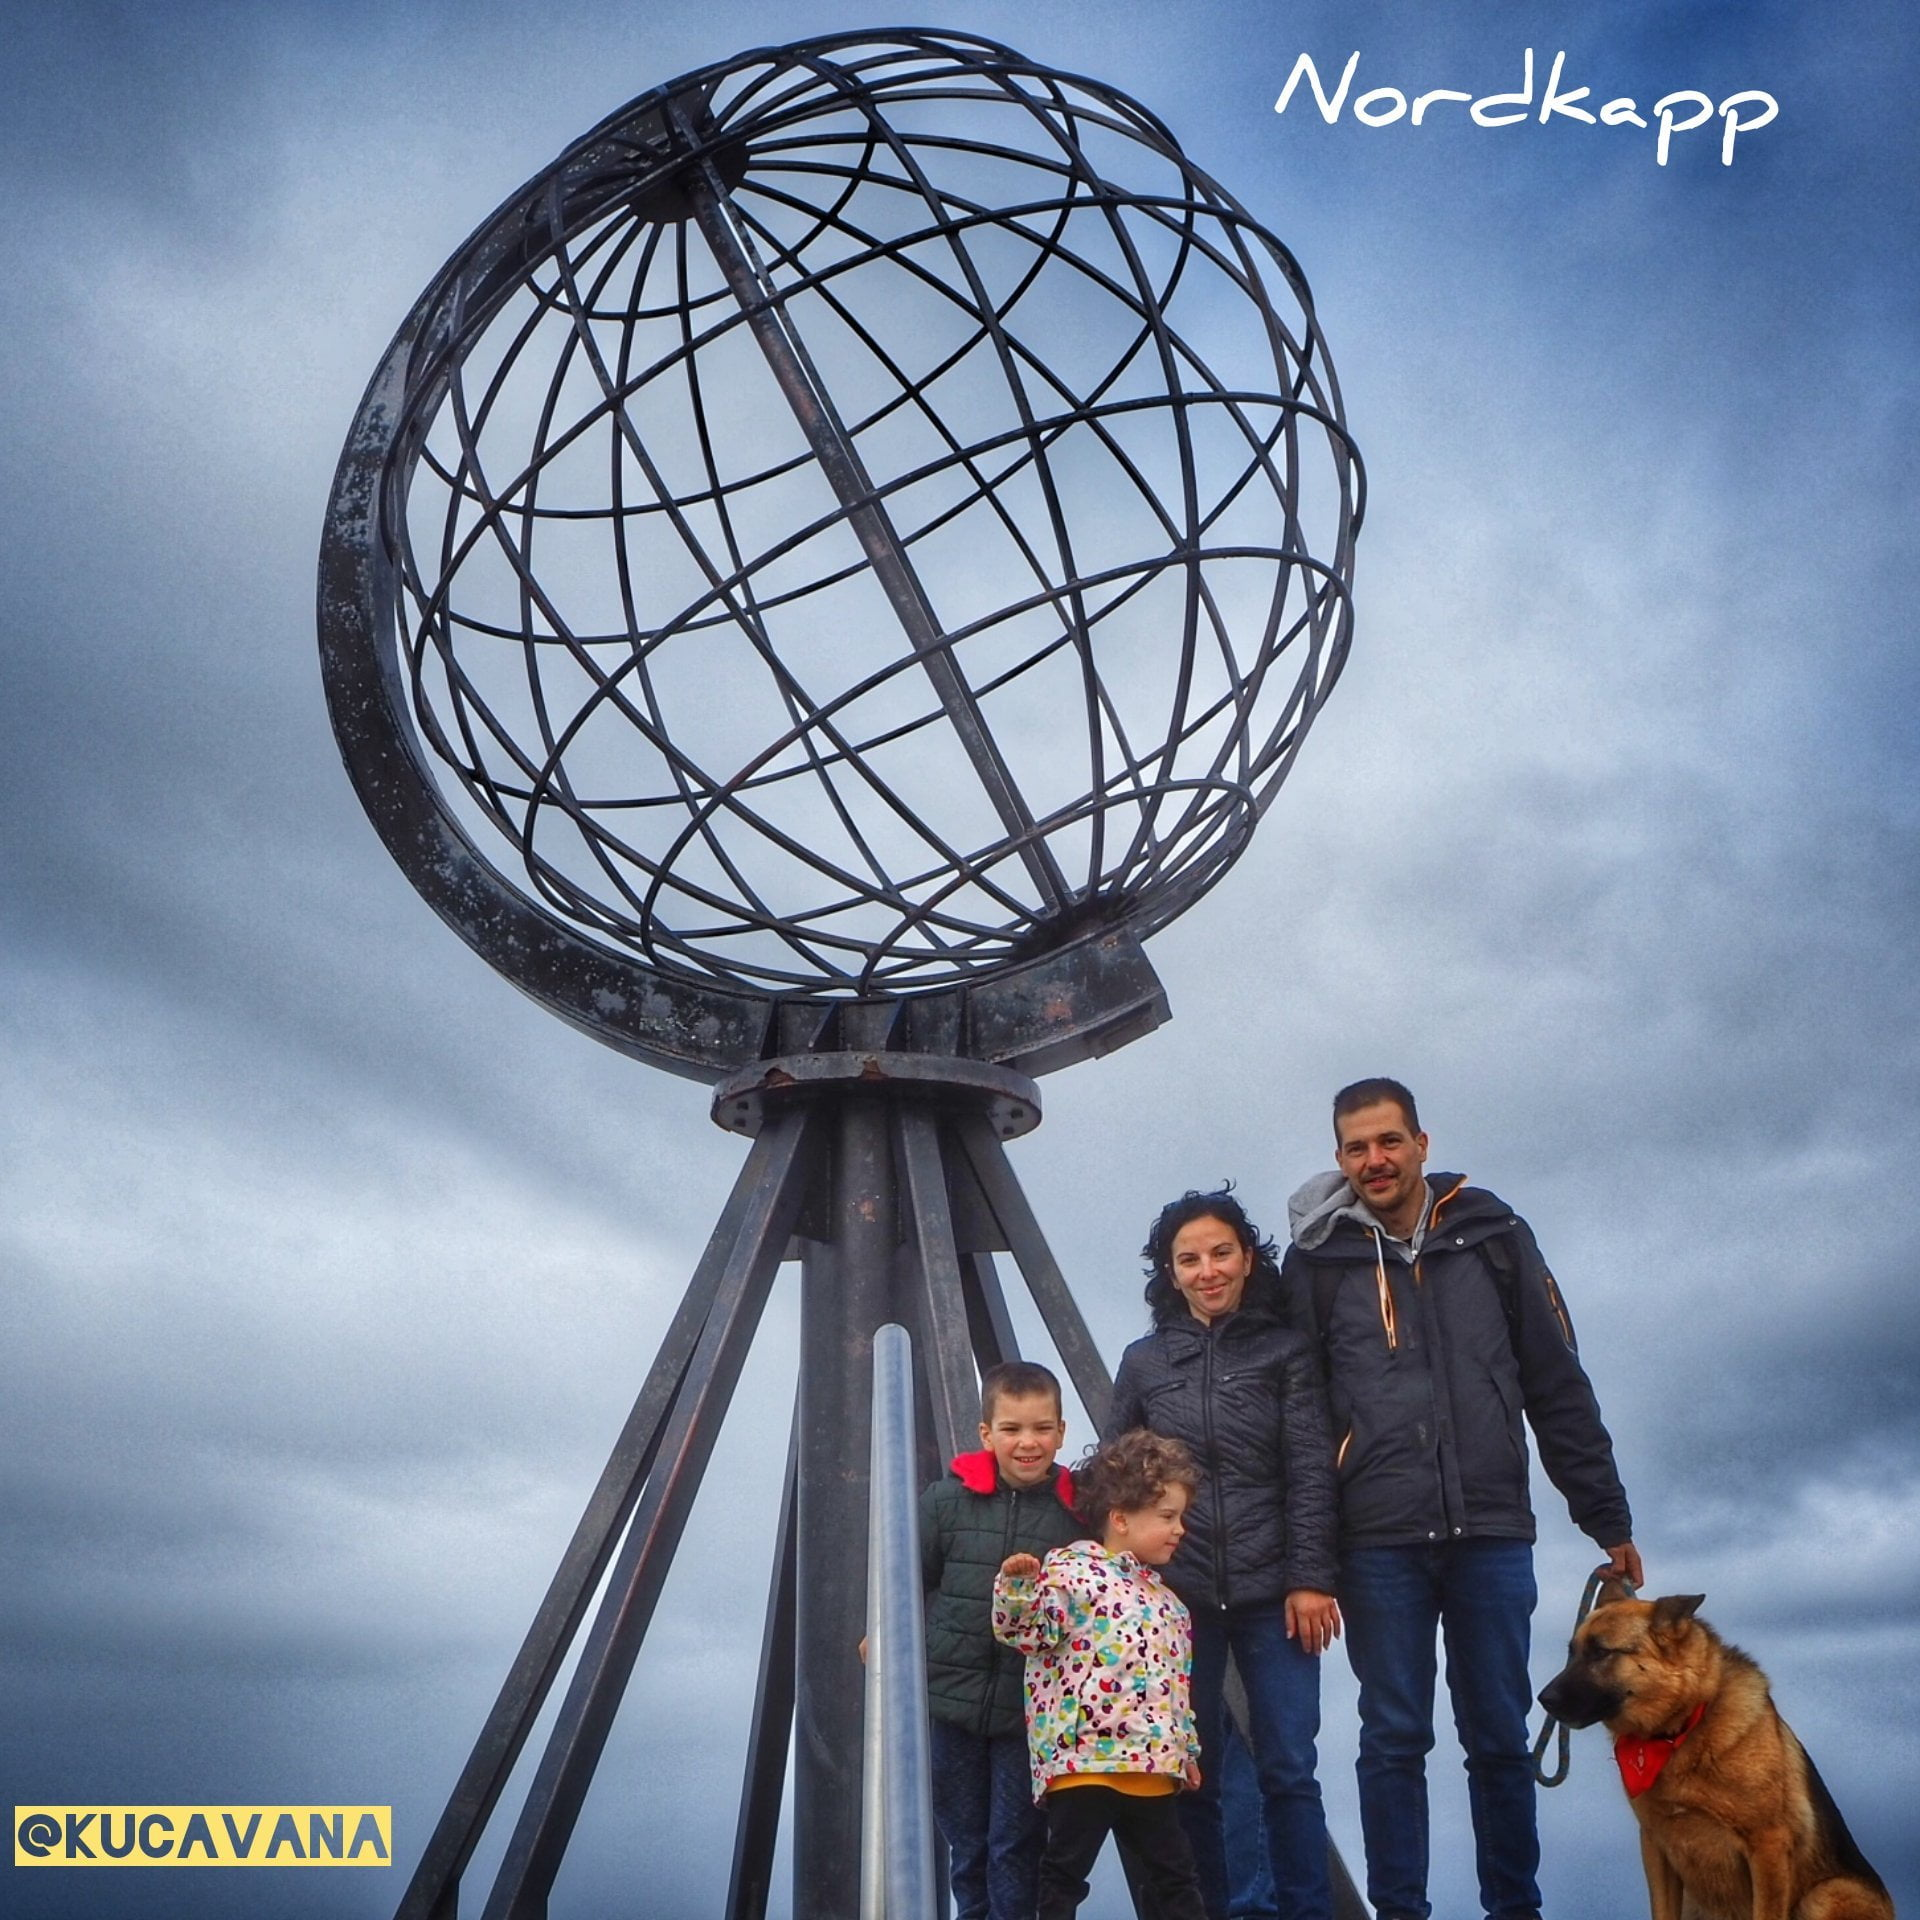 Nordkapp, la fi de l'món: ruta i consells per al viatge de la teva vida